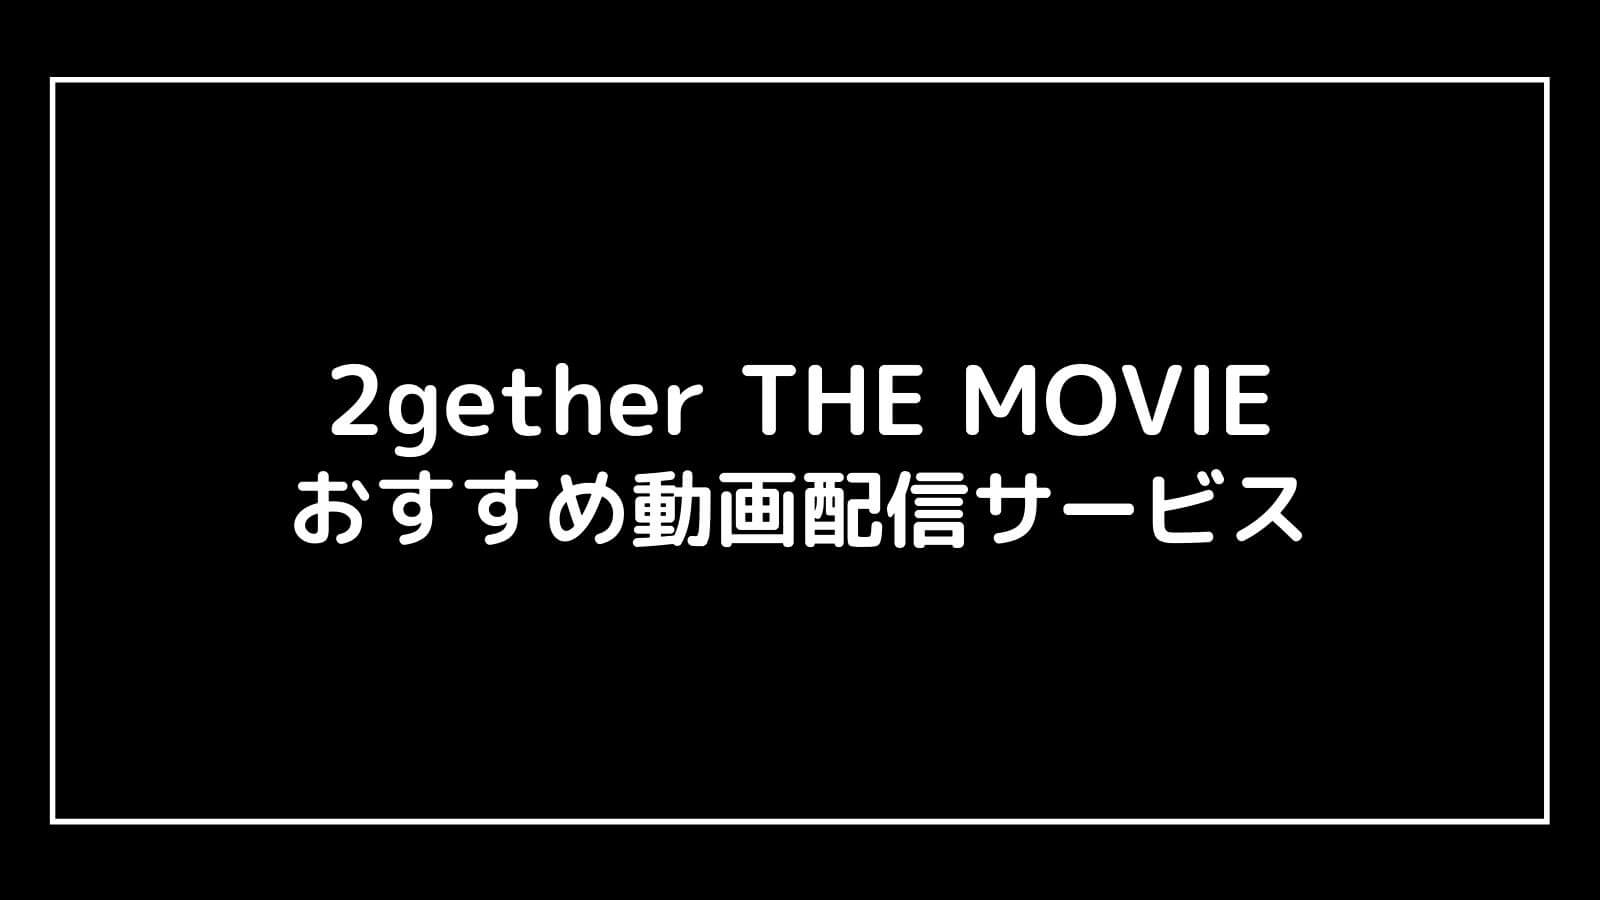 映画『2gether THE MOVIE』の配信を無料視聴できるおすすめ動画配信サイト